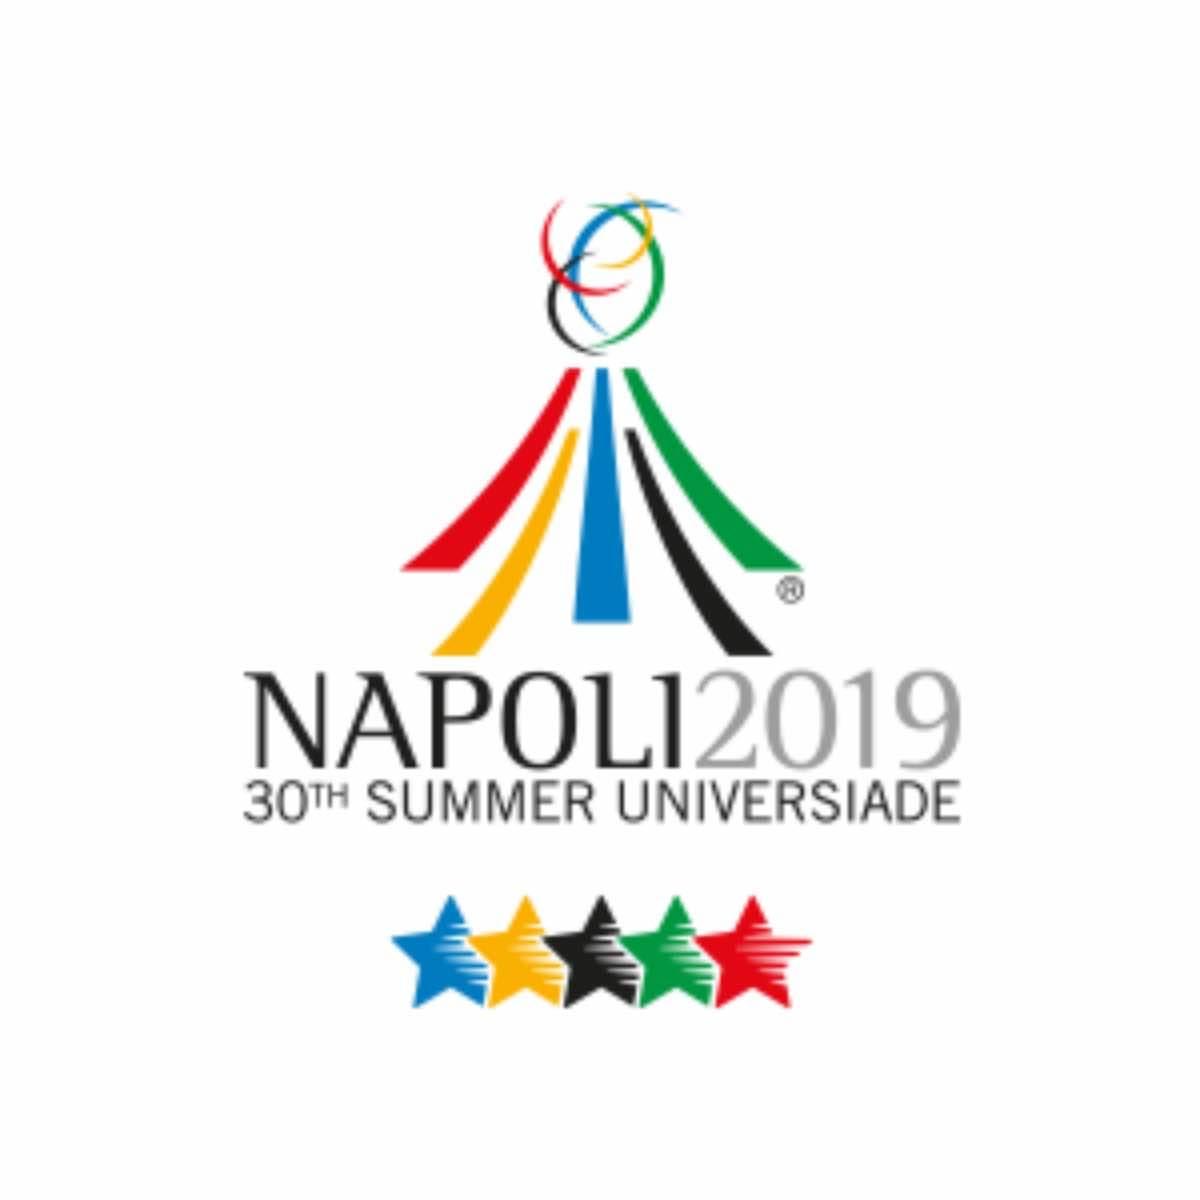 Universiadi - Napoli 2019, il programma di venerdì 5 luglio